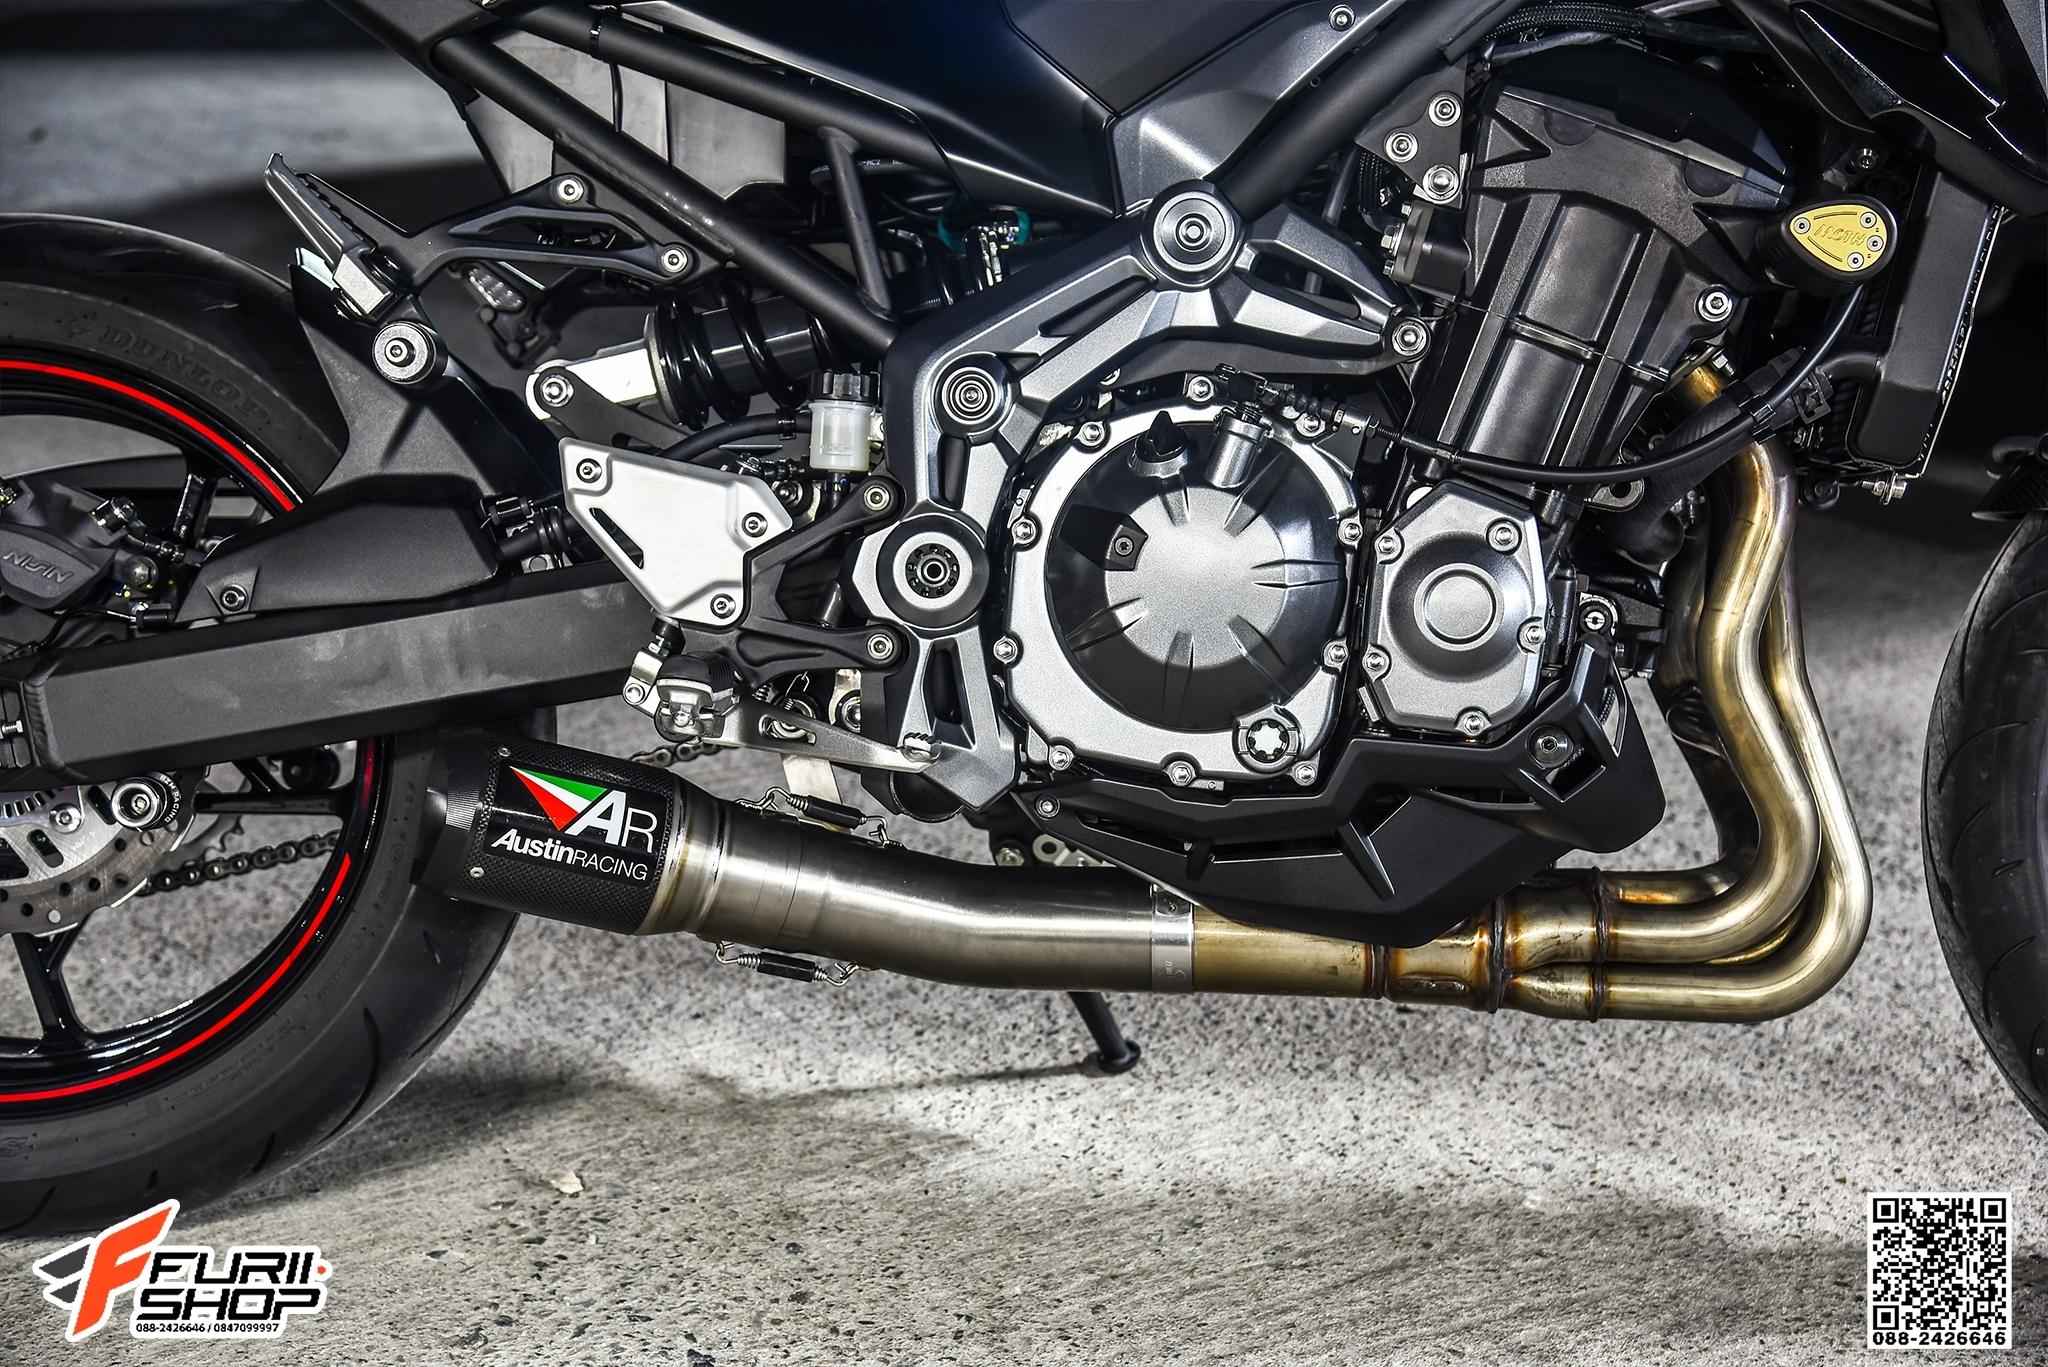 ท่อ AUSTIN RACING GP1R CARBON FOR KAWASKI Z900 : Inspired by